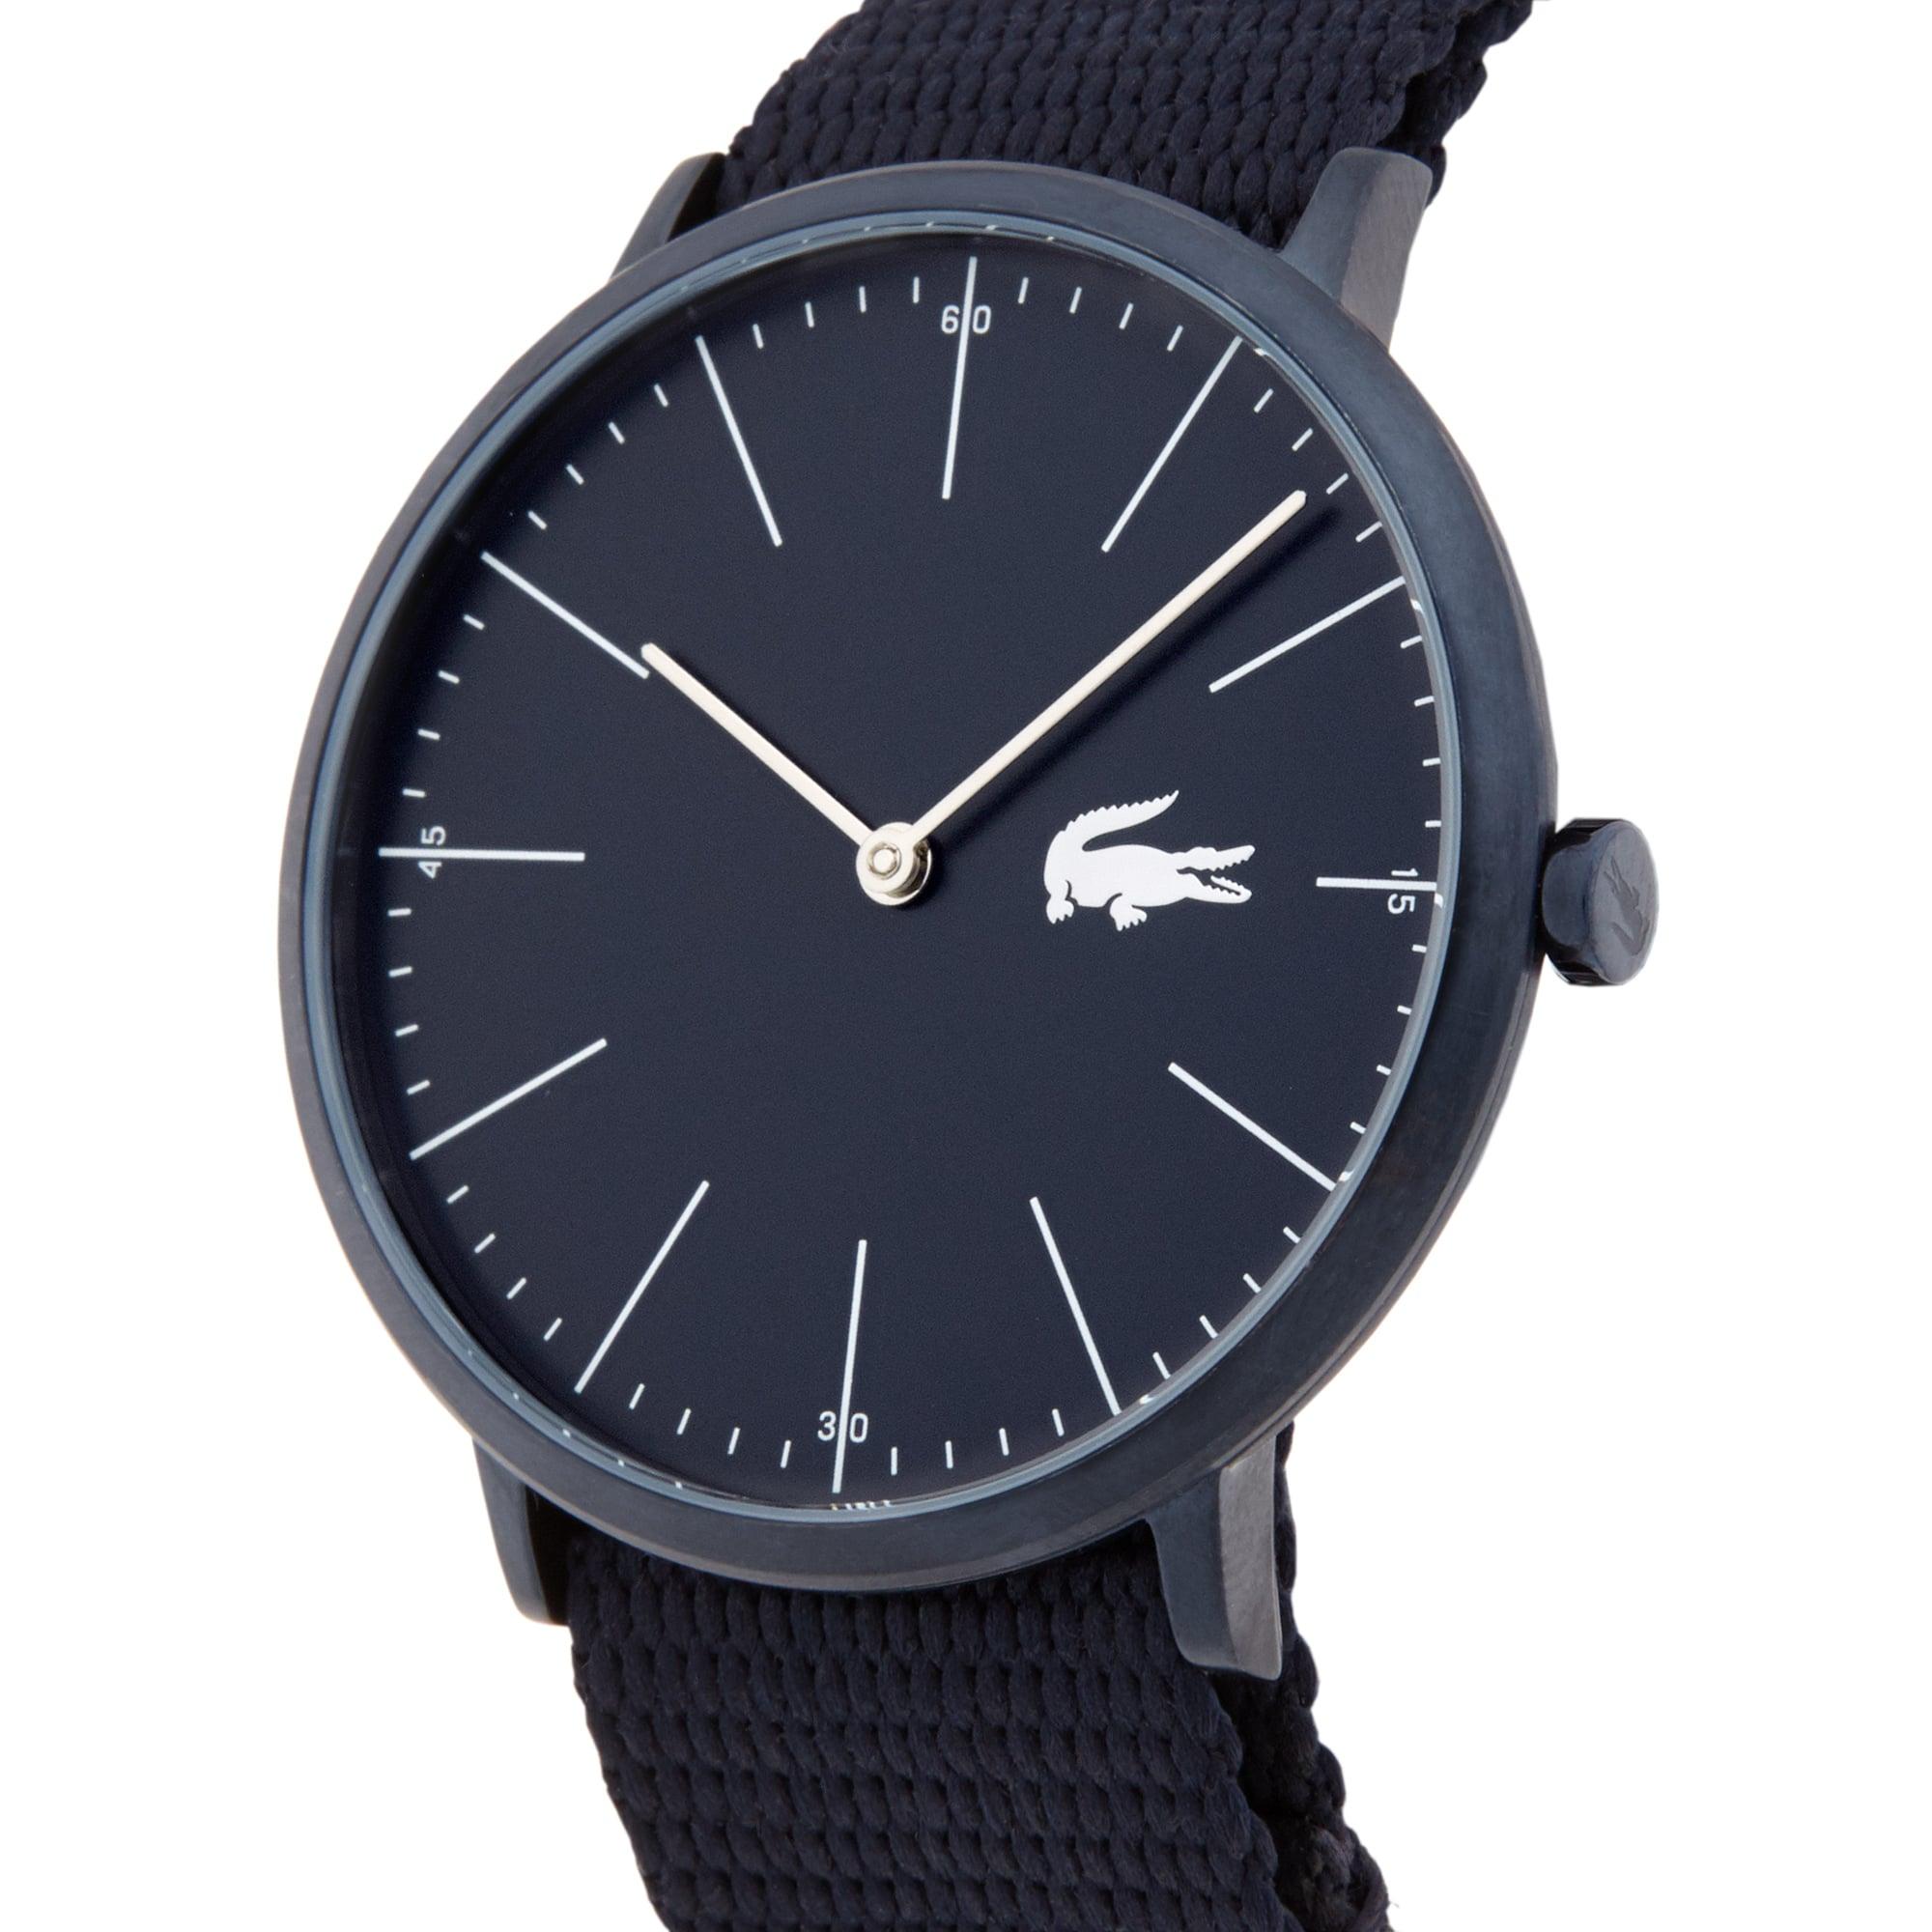 Reloj de Hombre Moon Ultrafino con Correa Textil Negra